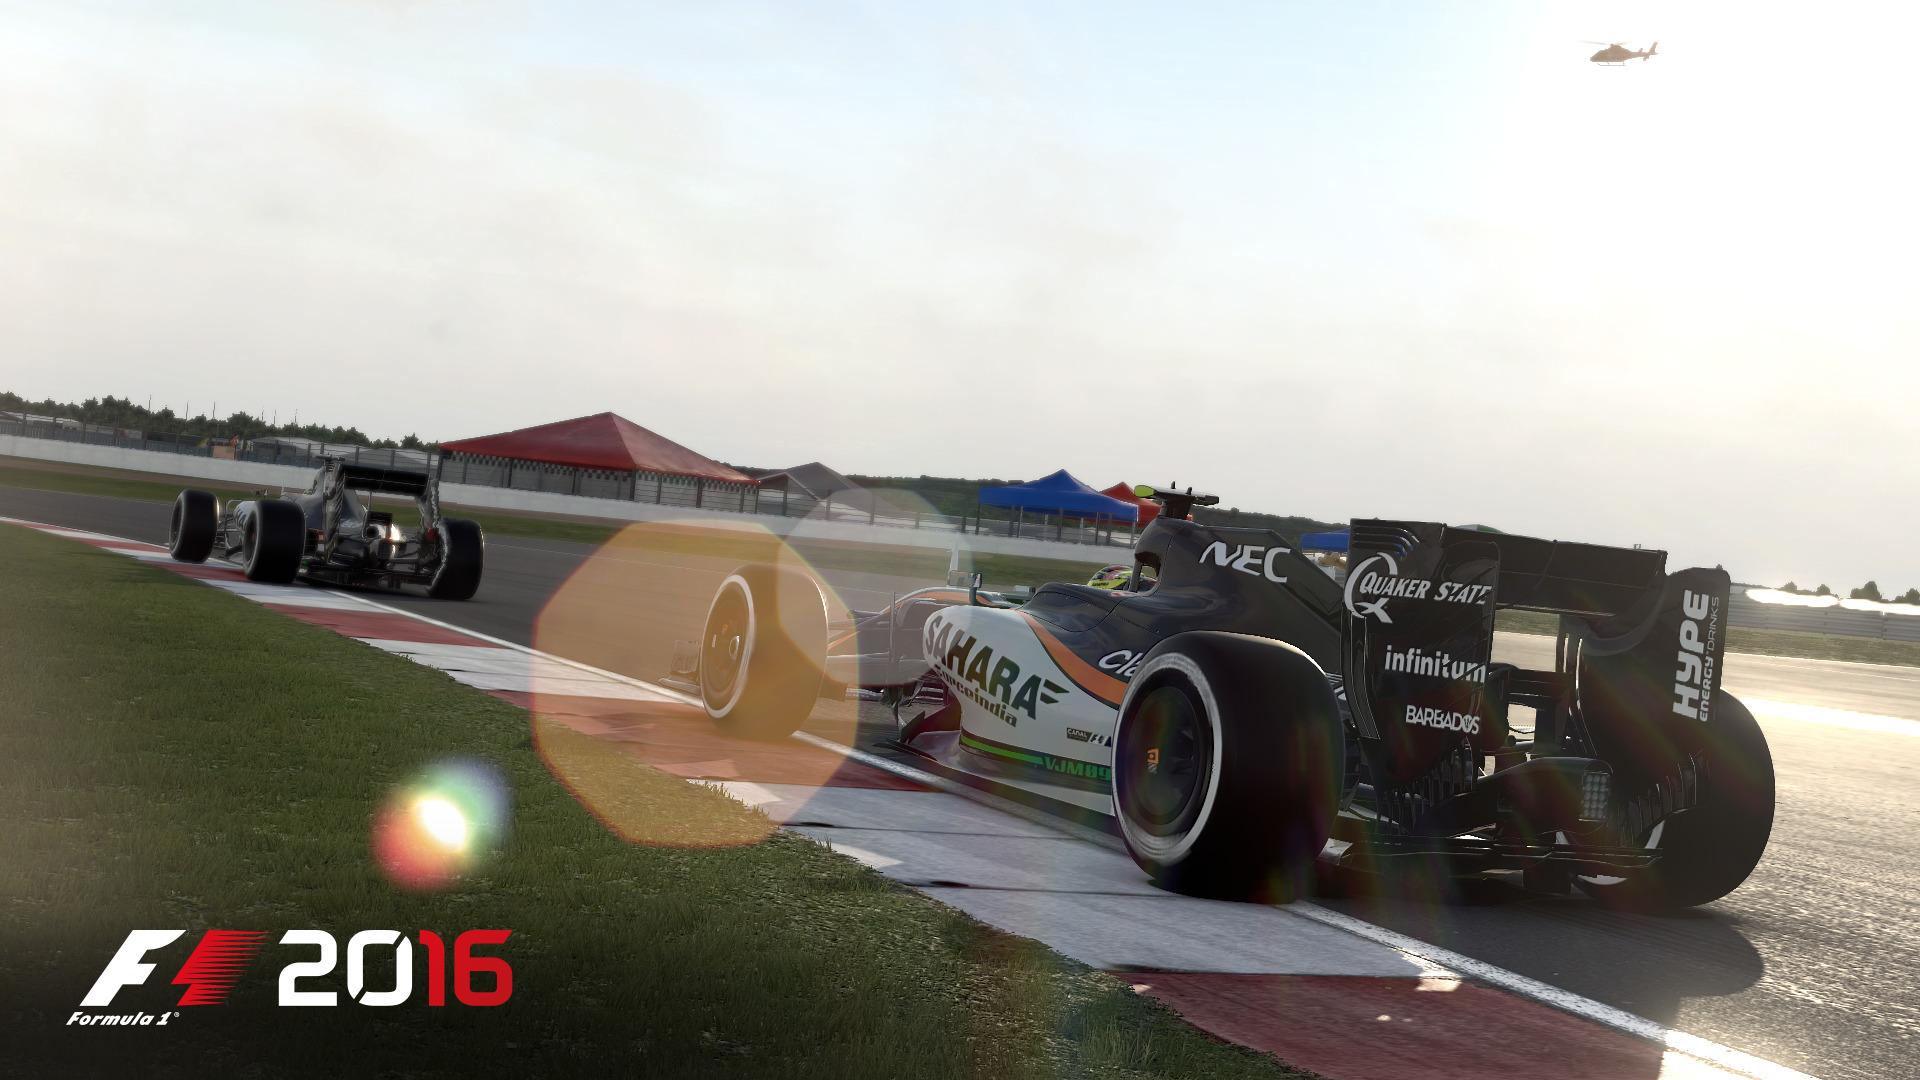 Minutový sestřih z F1 2016 127451